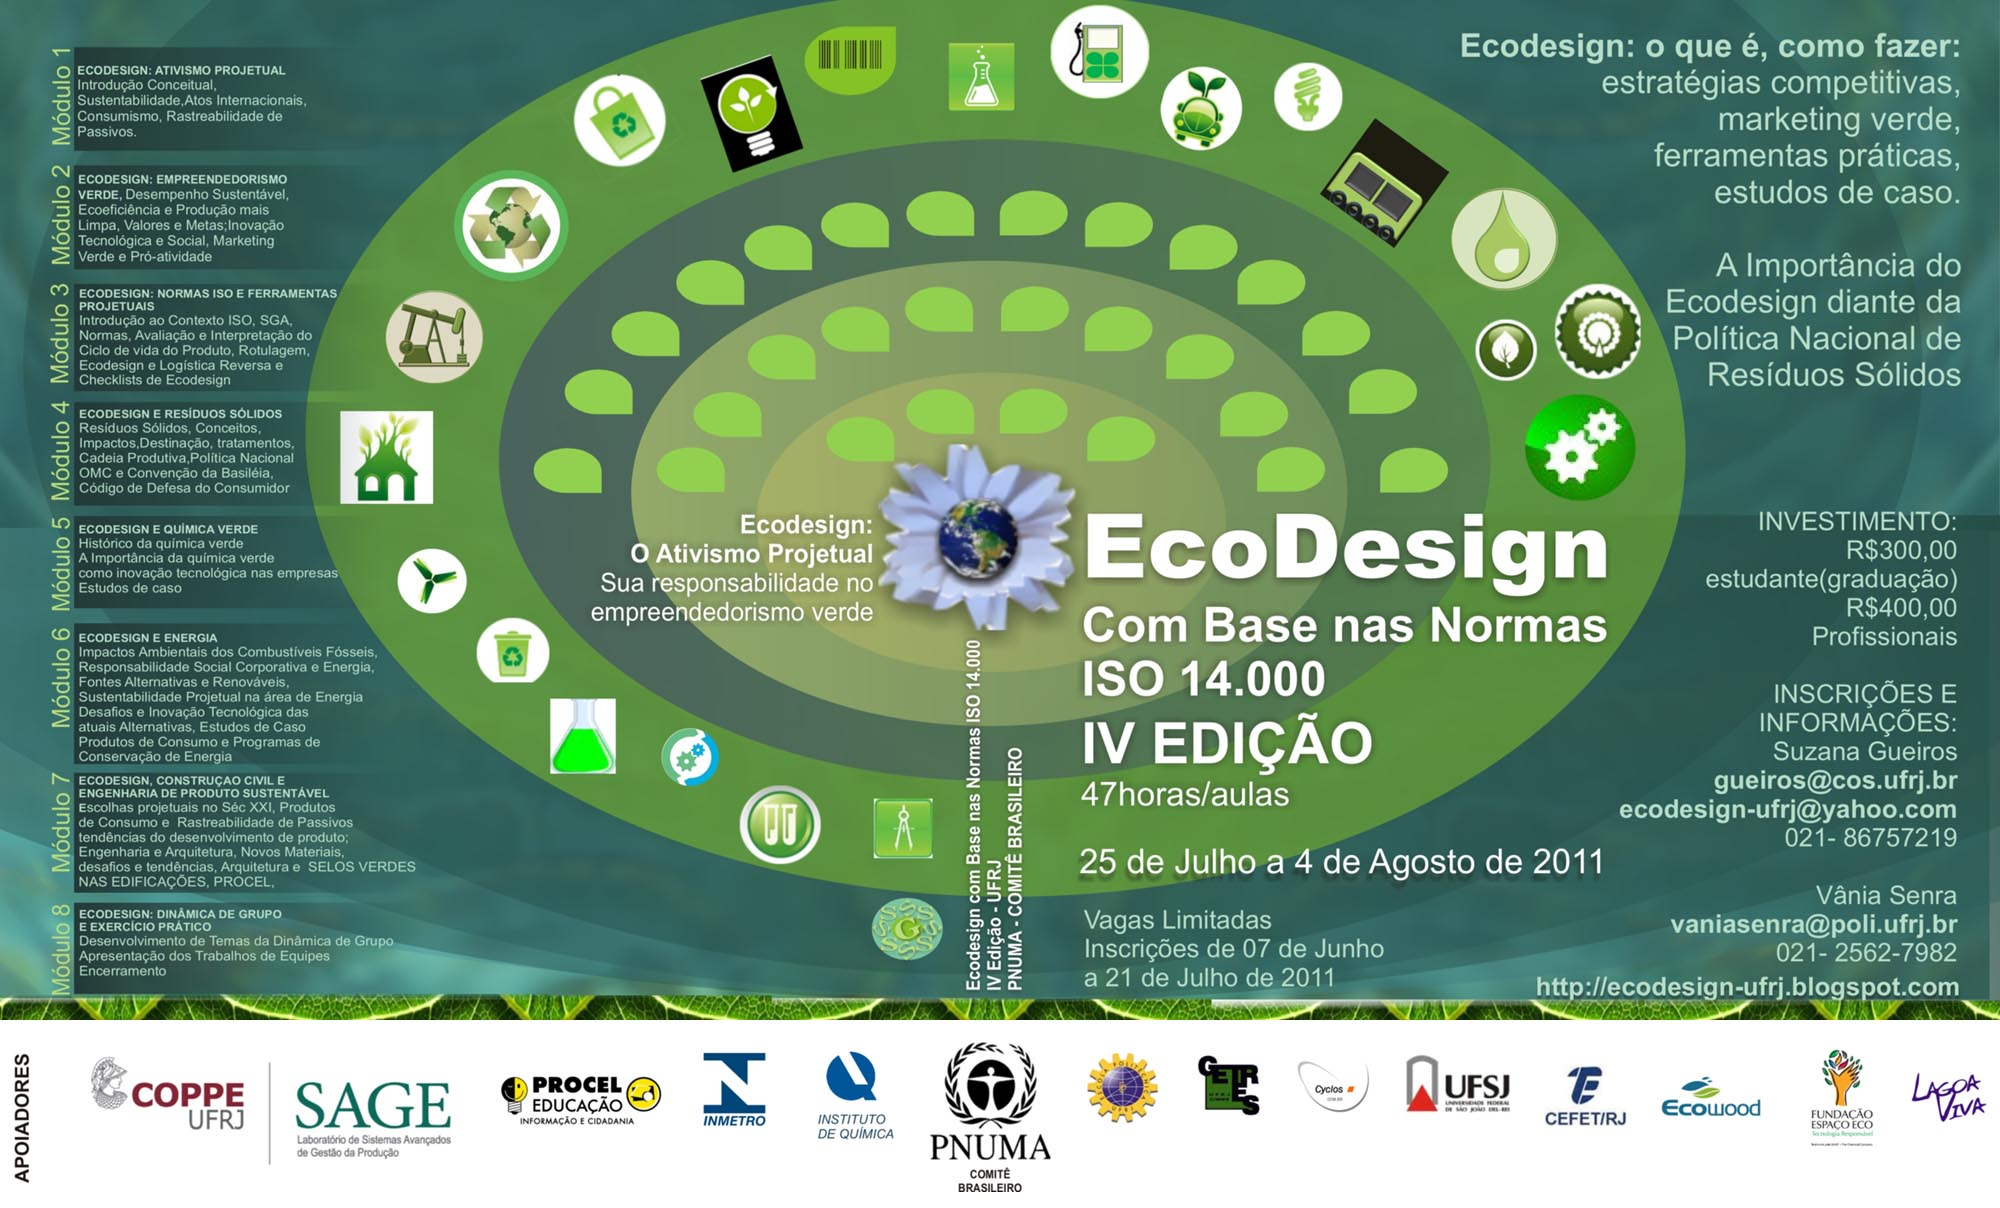 Curso de ecodesign impress es verdes for Design eco casa verde